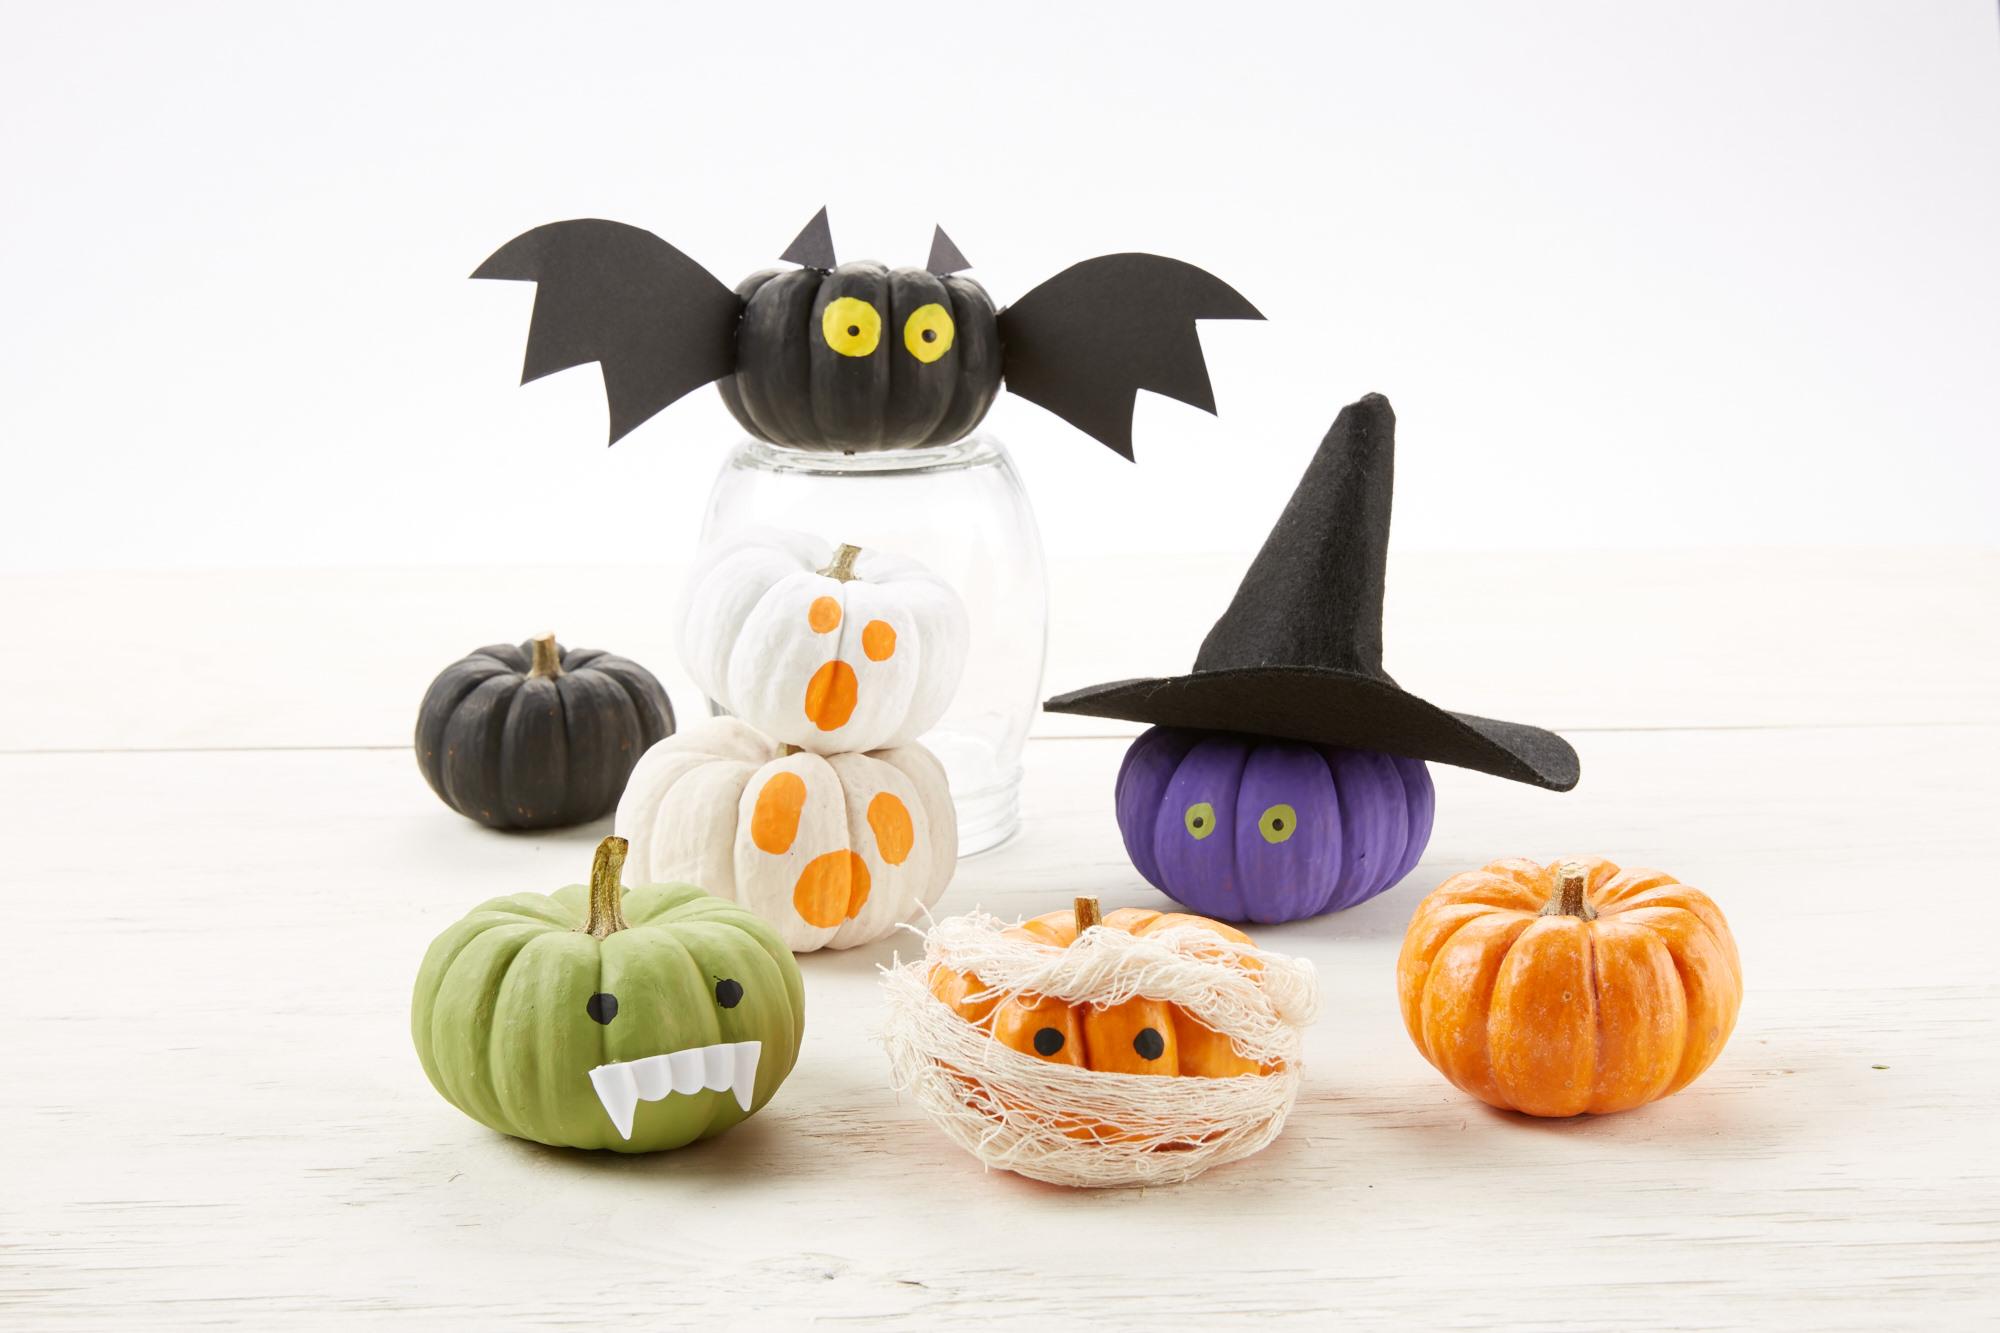 Halloween Mini Pumpkins  for  Carter's |  Steve Pomberg